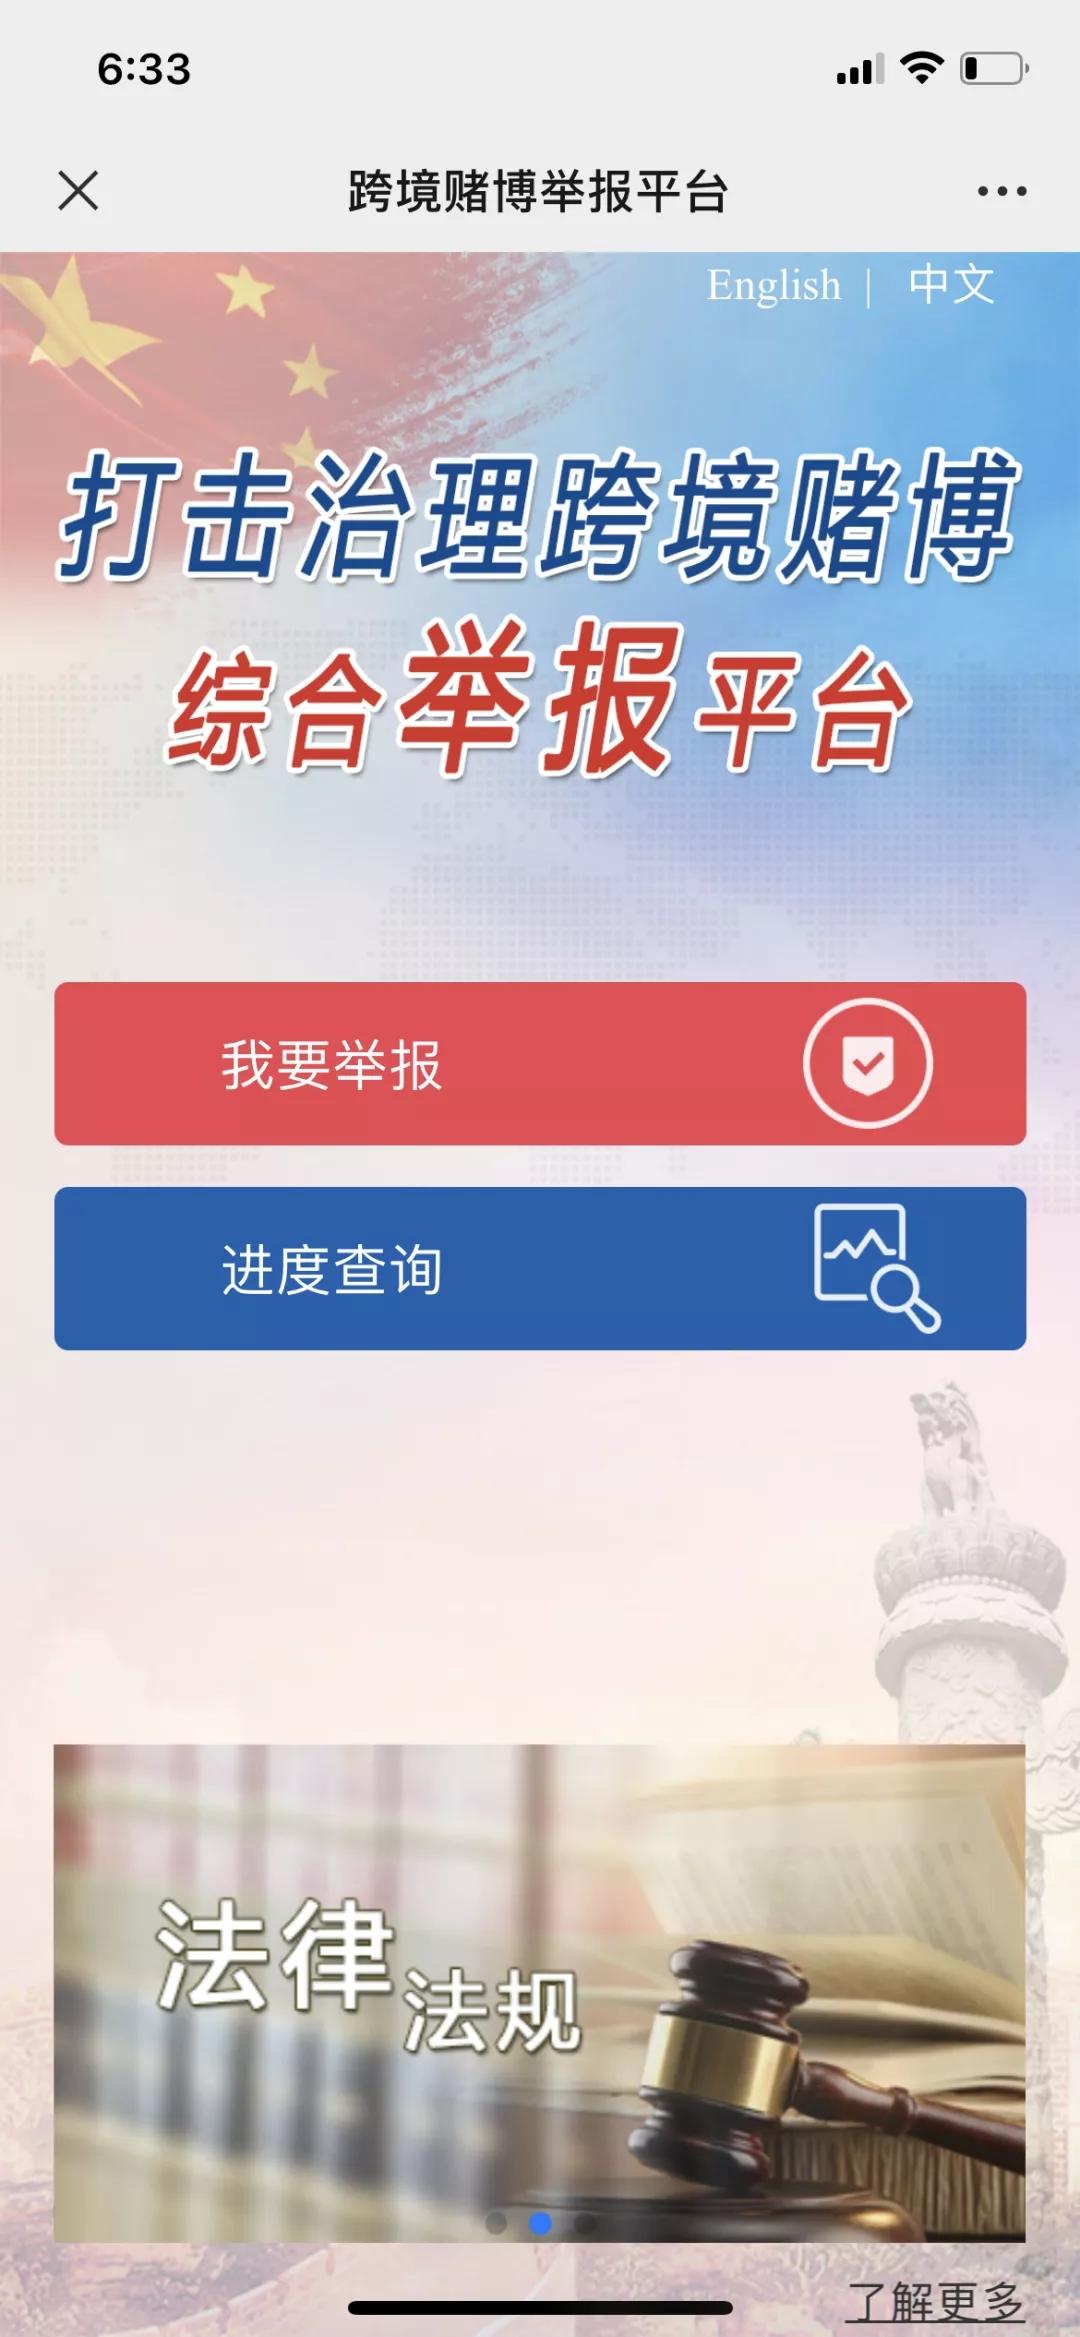 公安部发布提示!中秋国庆期间24小时接收线索举报!